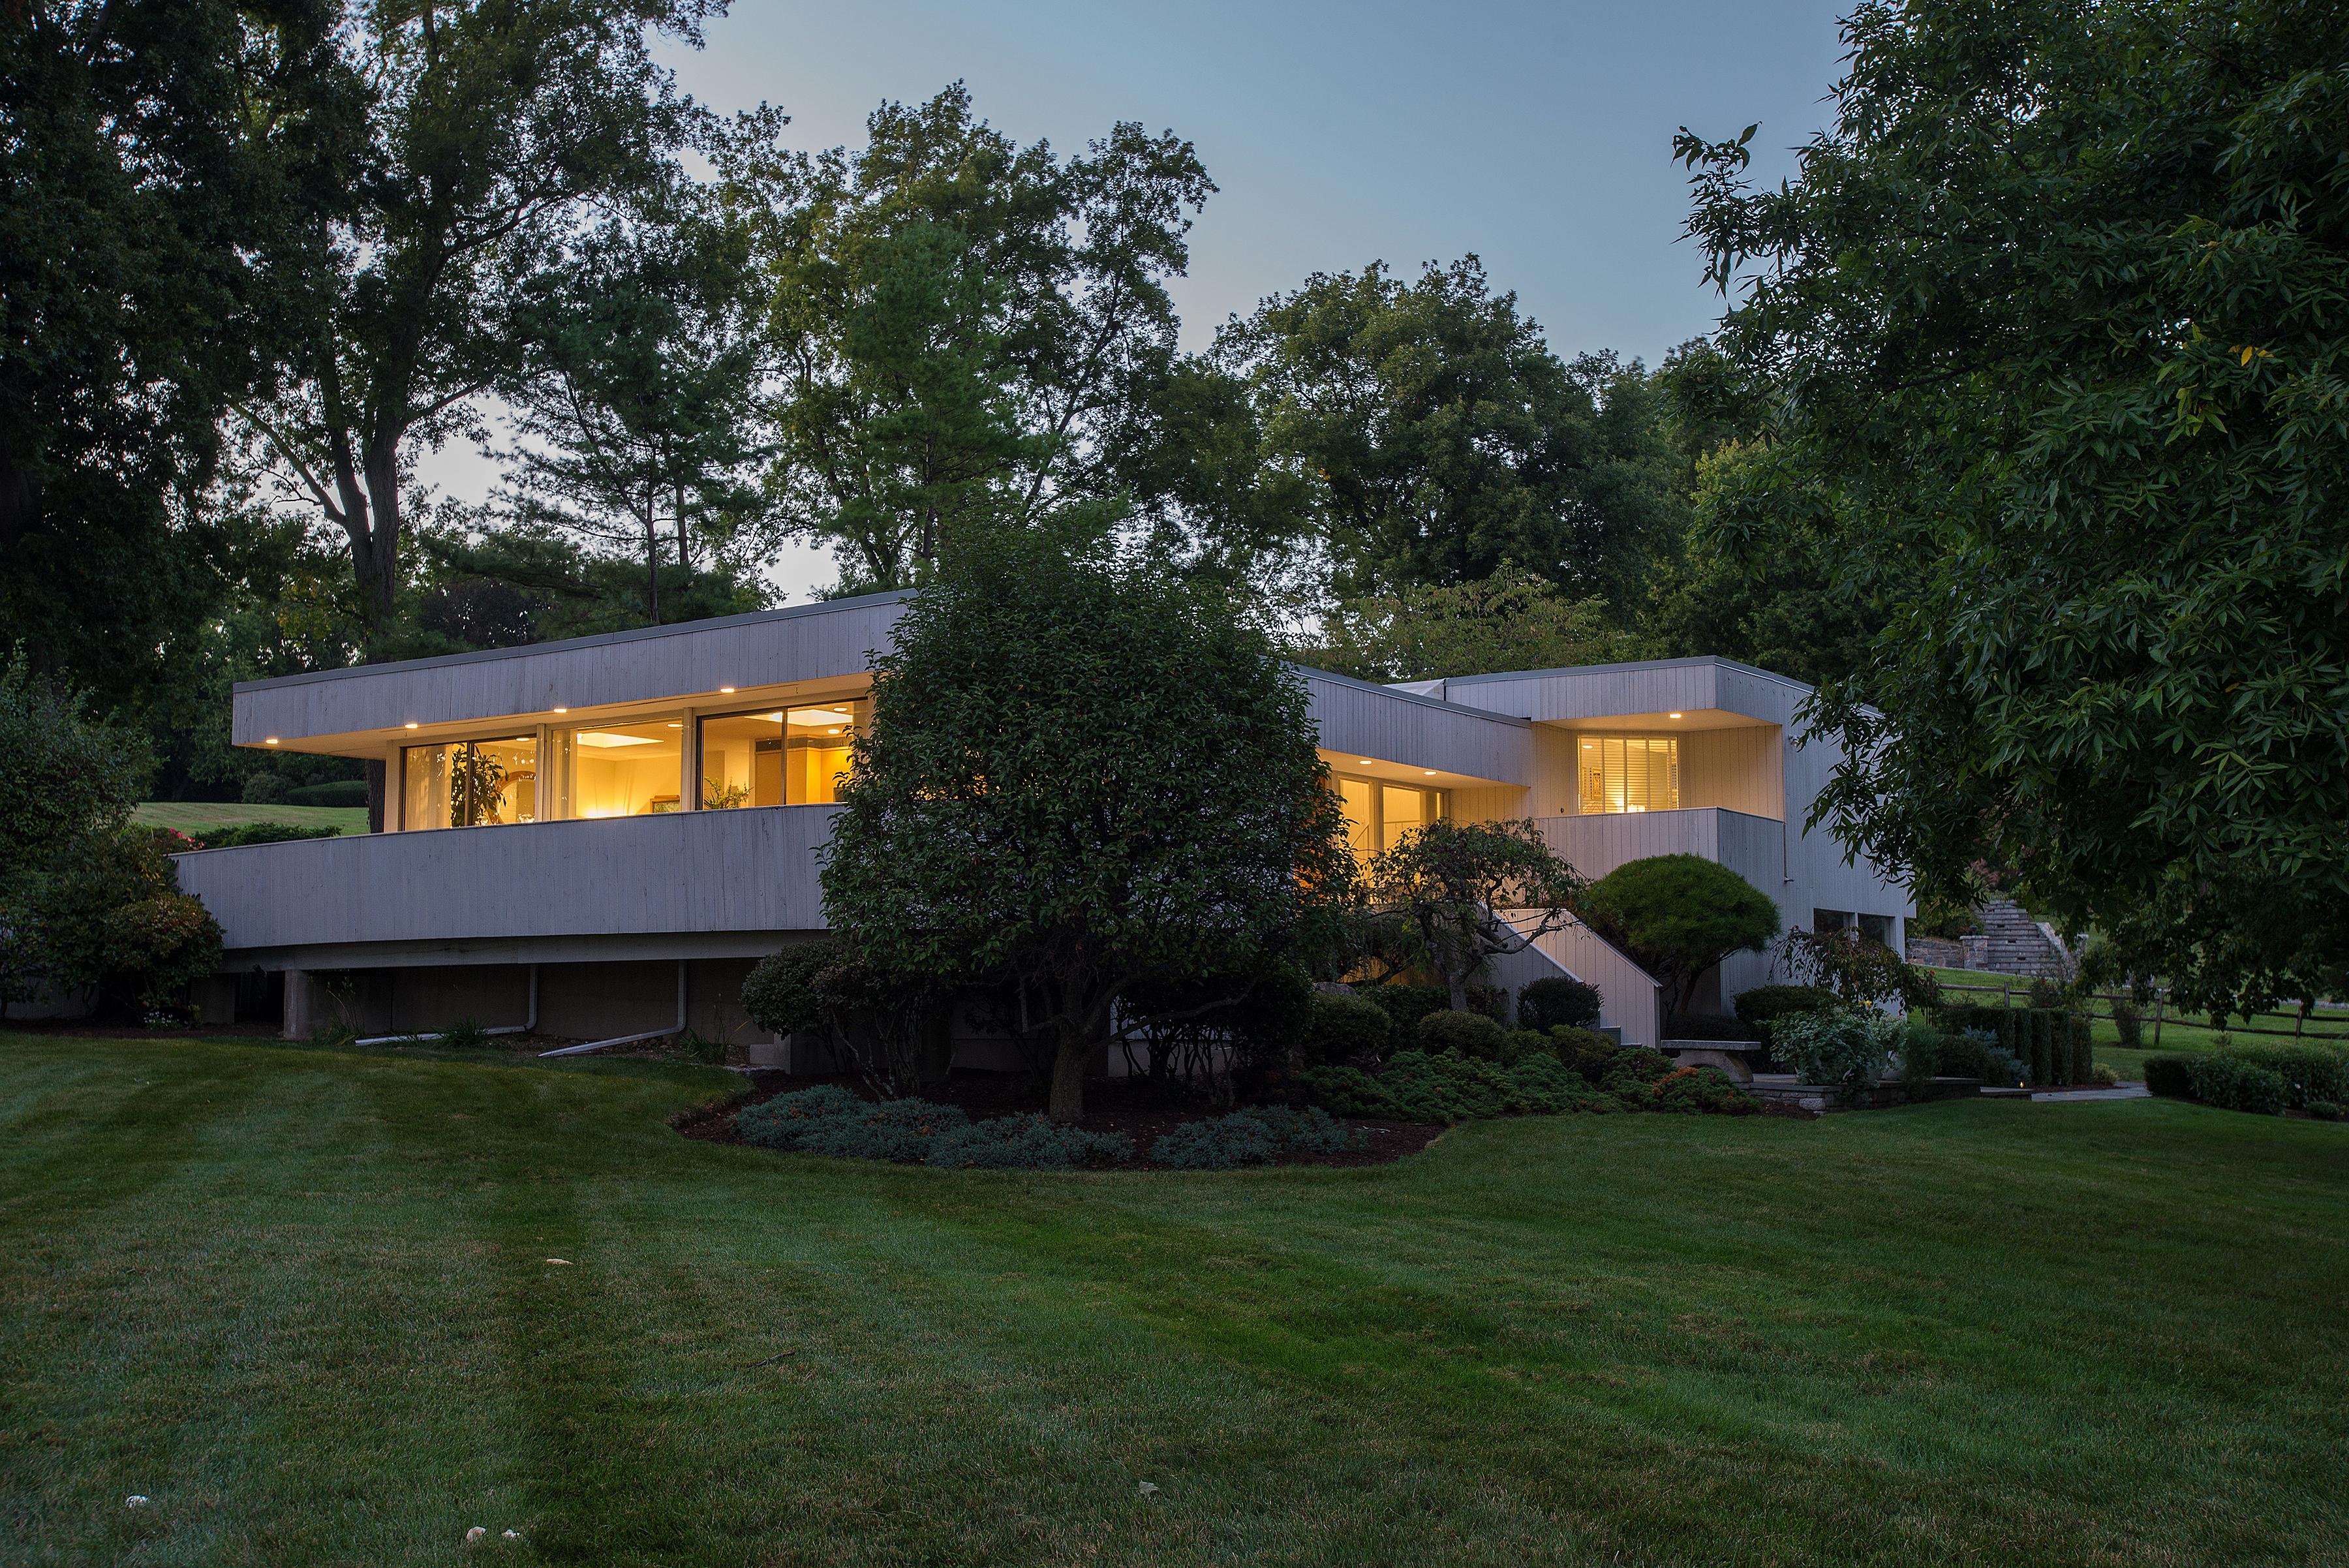 단독 가정 주택 용 매매 에 Sophisticated Modern with Water Views 1 Sasqua Road Norwalk, 코네티컷 06855 미국